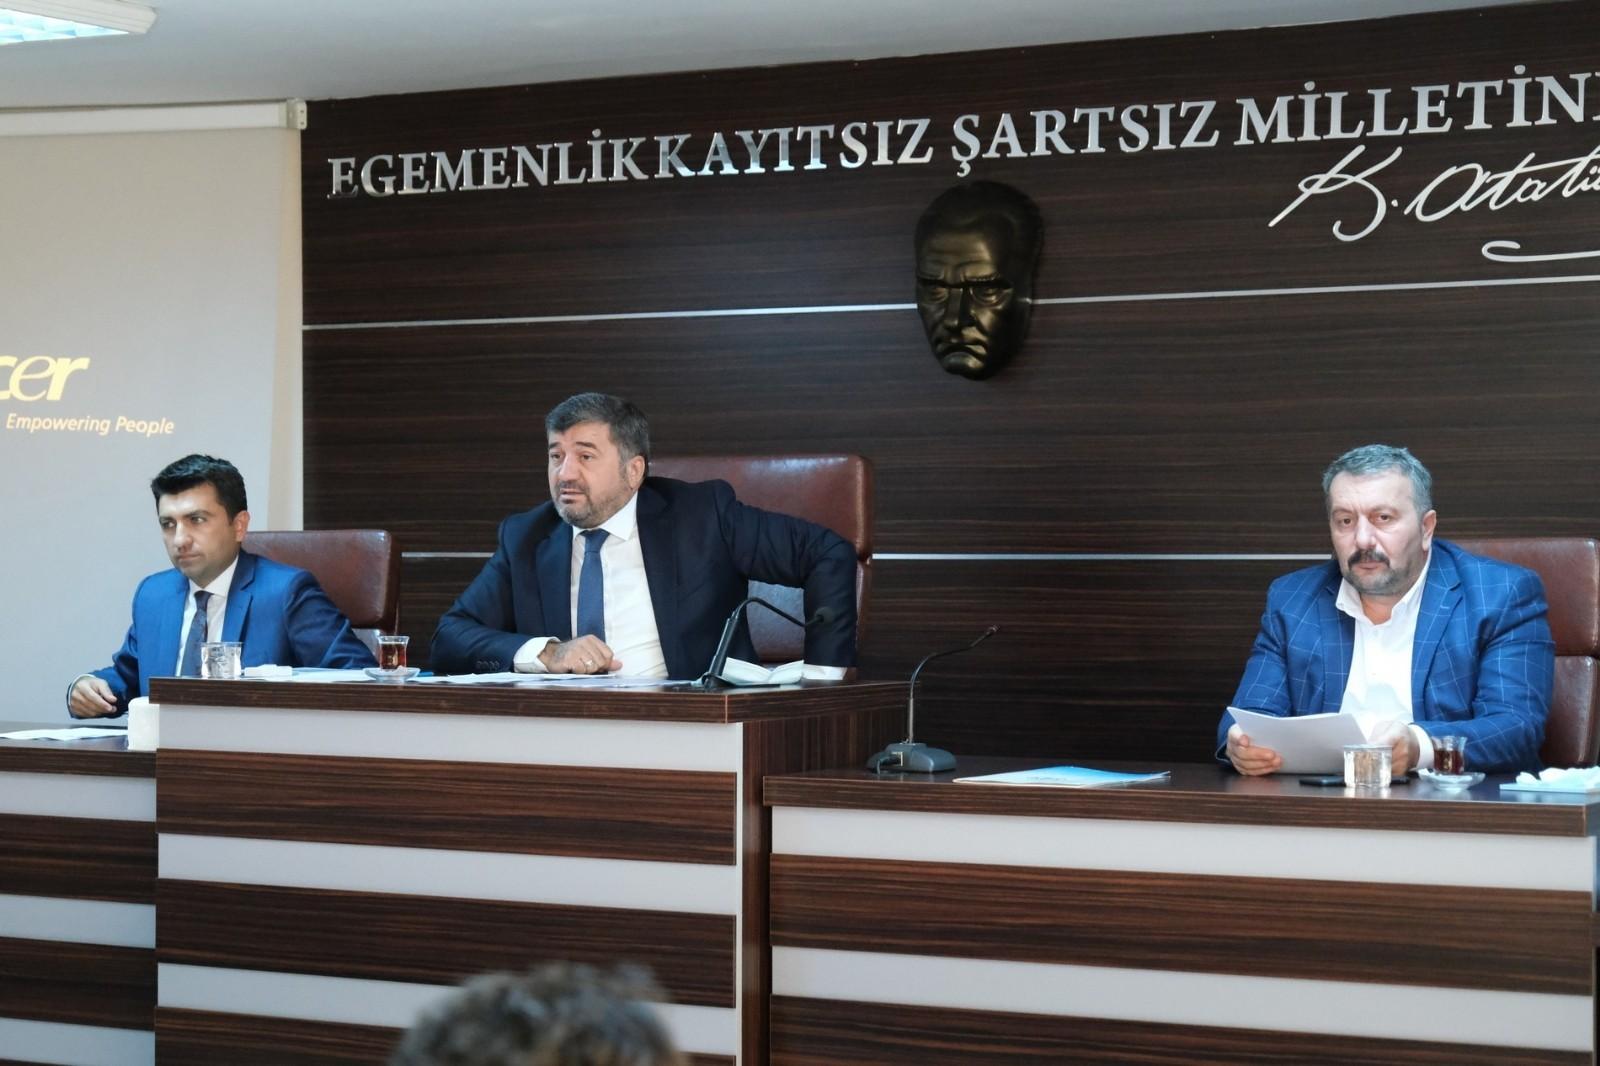 Giresun'da belediyeden esnafa 12 milyon lira pandemi desteği verildi